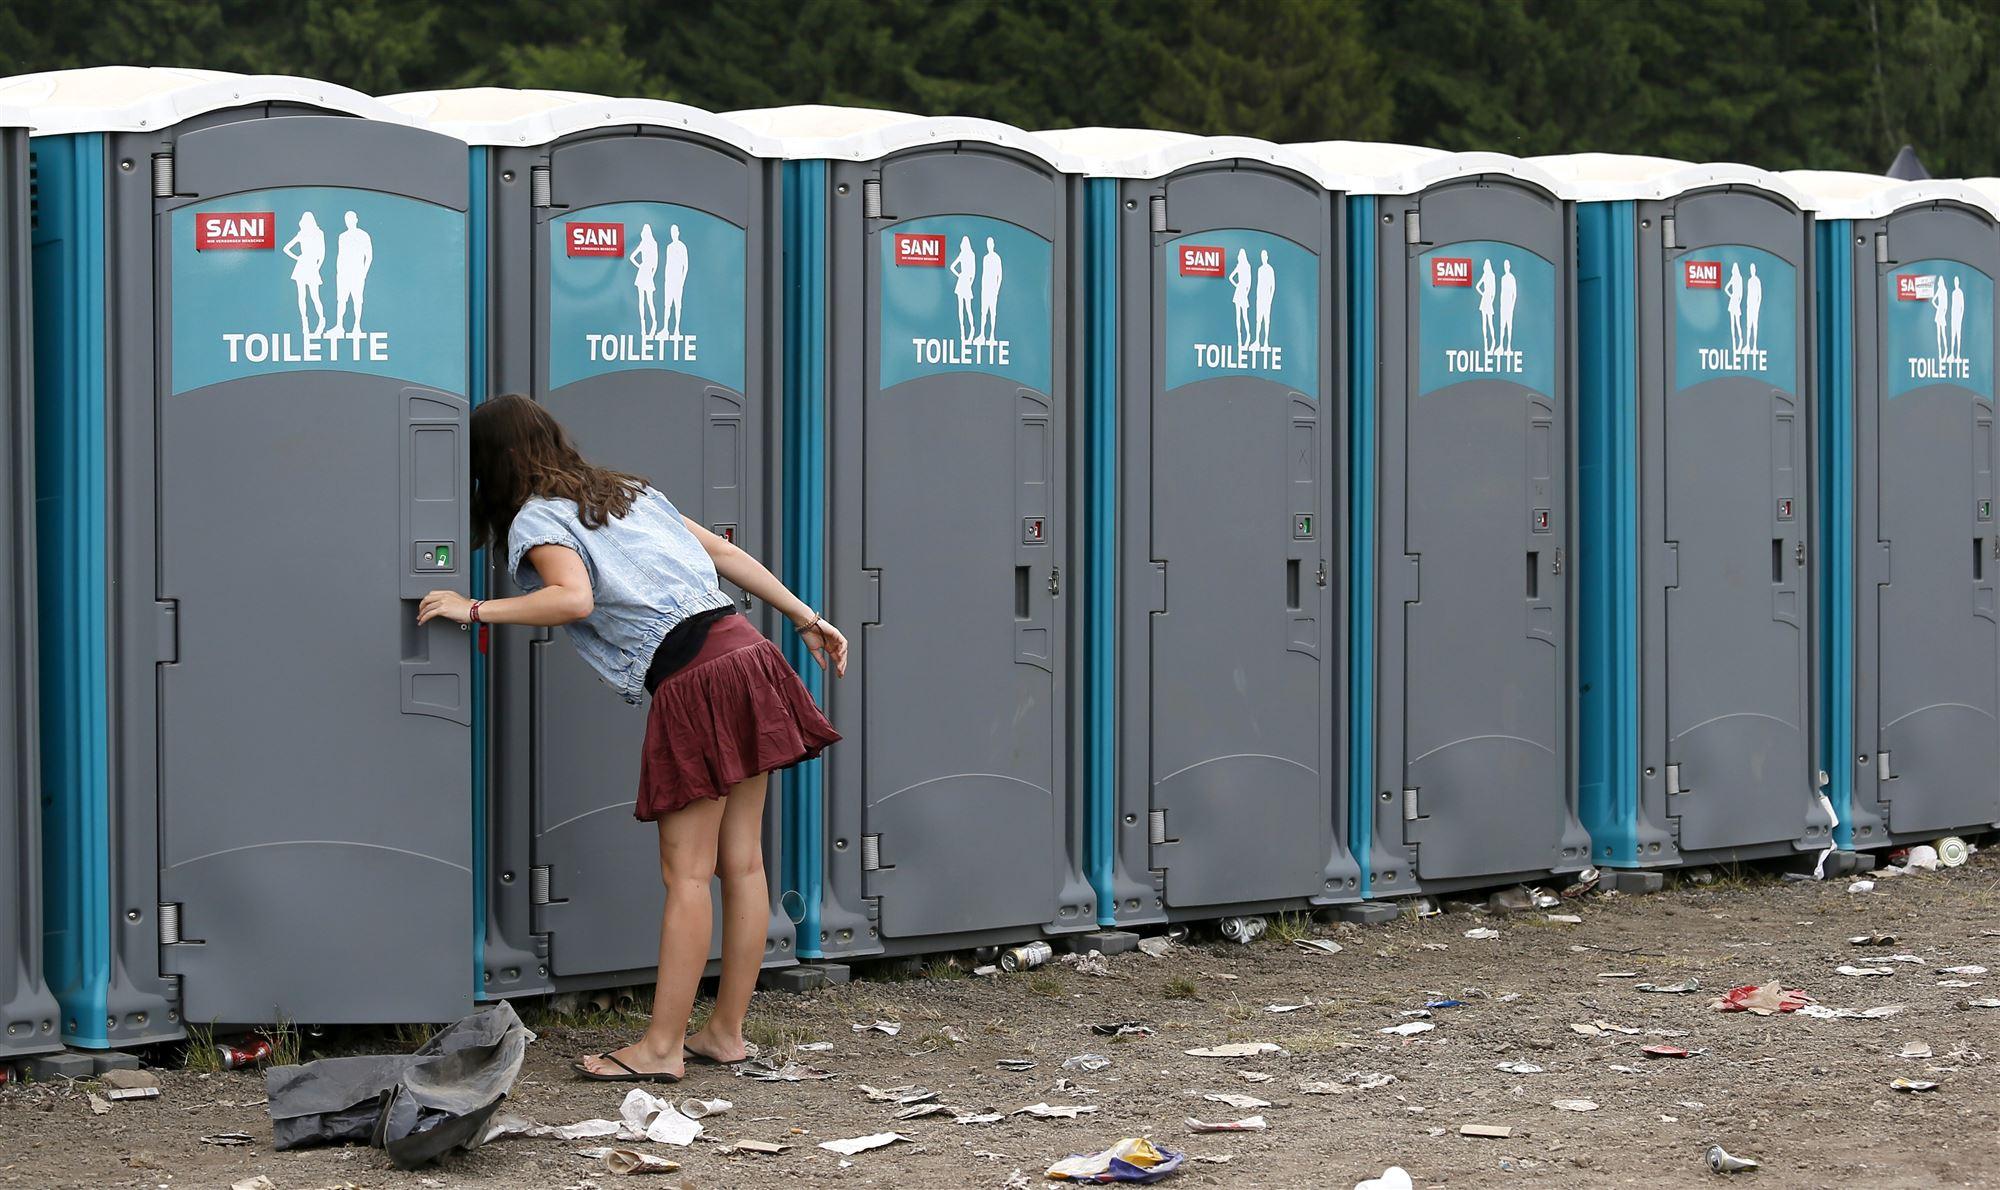 openbare toiletten openbaar toilet wc's plassen